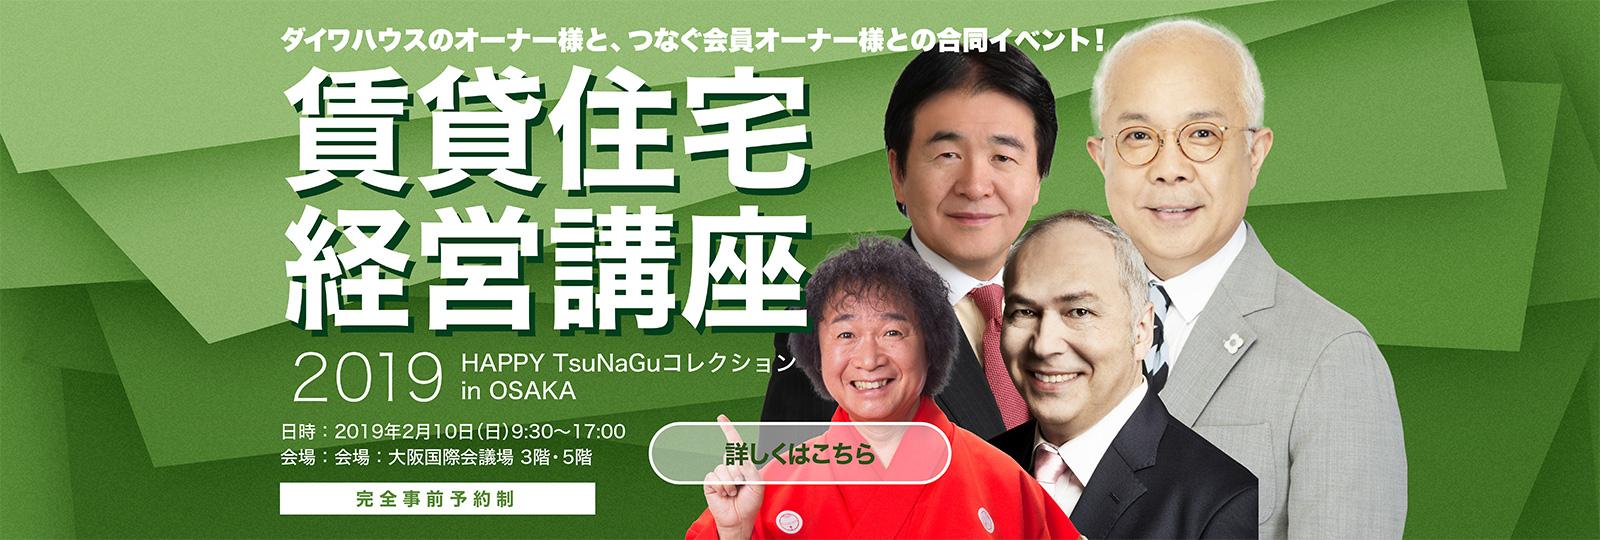 賃貸住宅経営講座2019 ~HAPPY TsuNaGuコレクション in OSAKA~